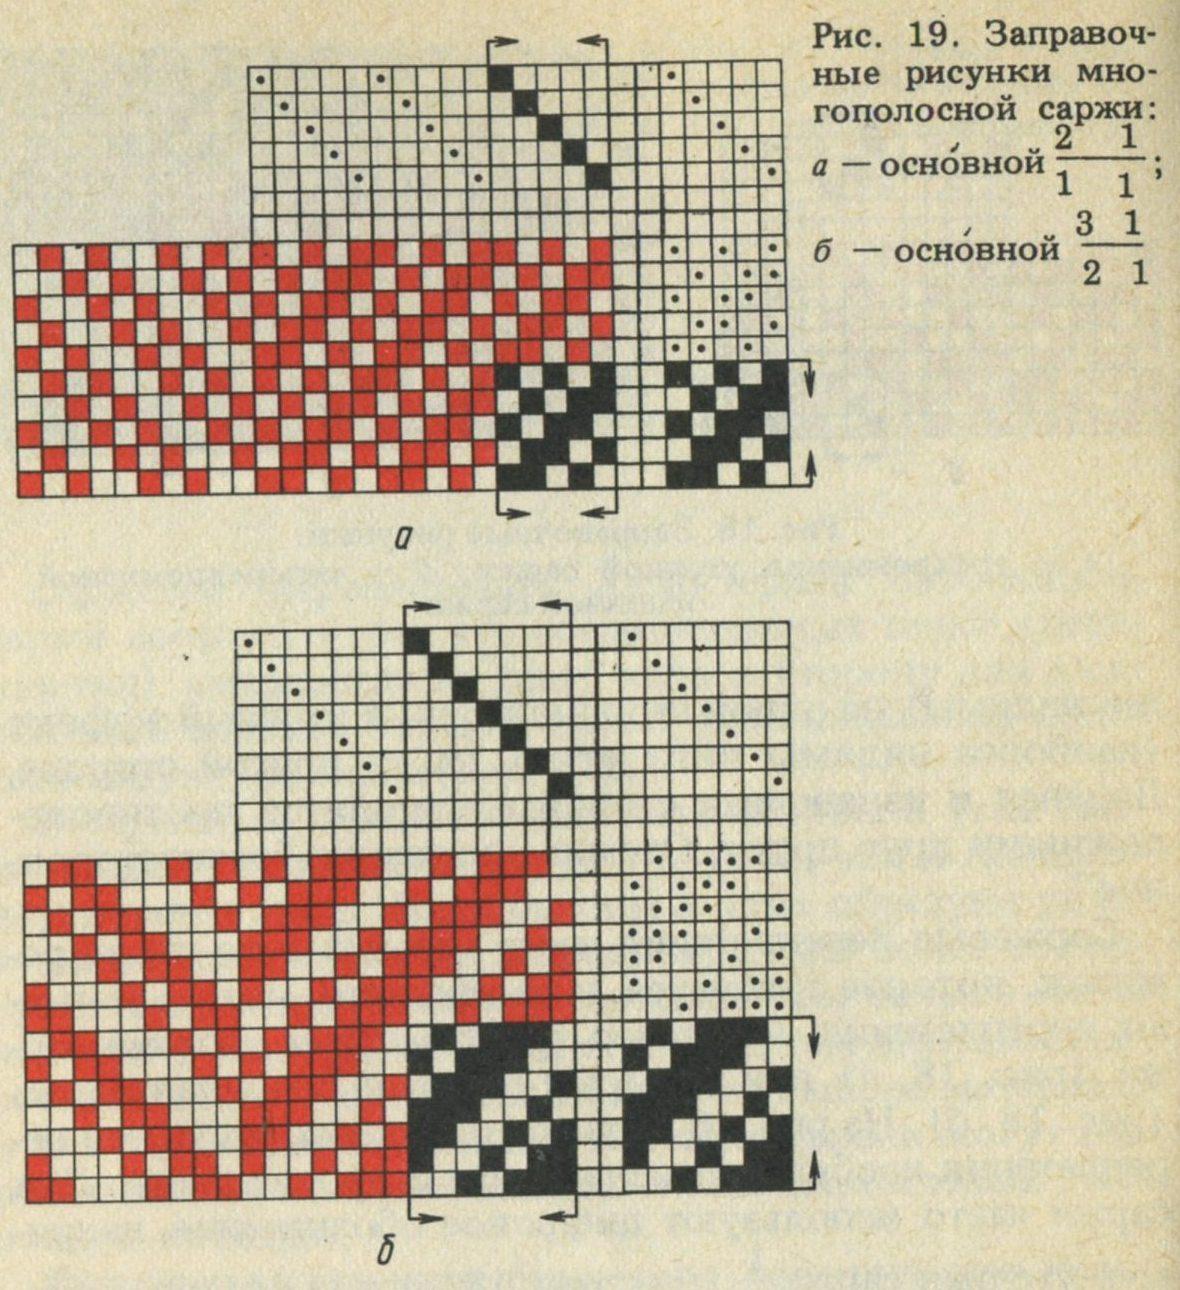 схема заправочный рисунок ткани